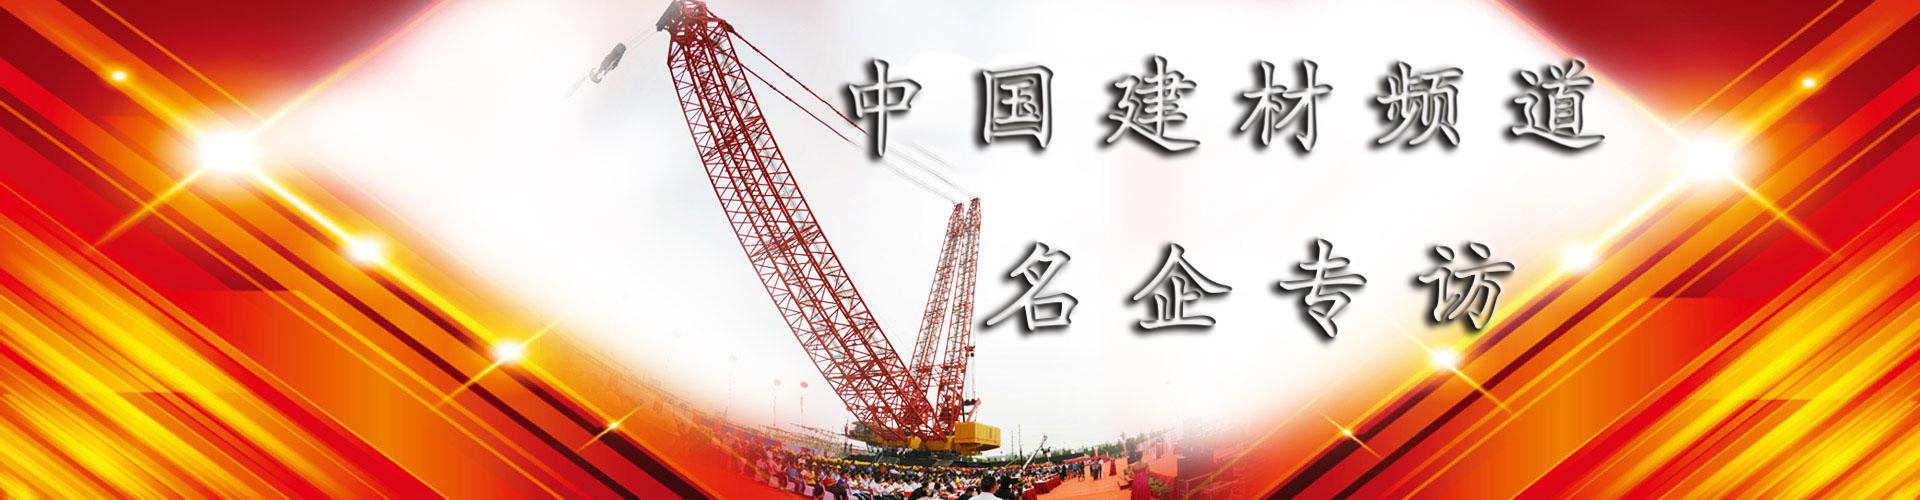 热点访谈-中国建材频道